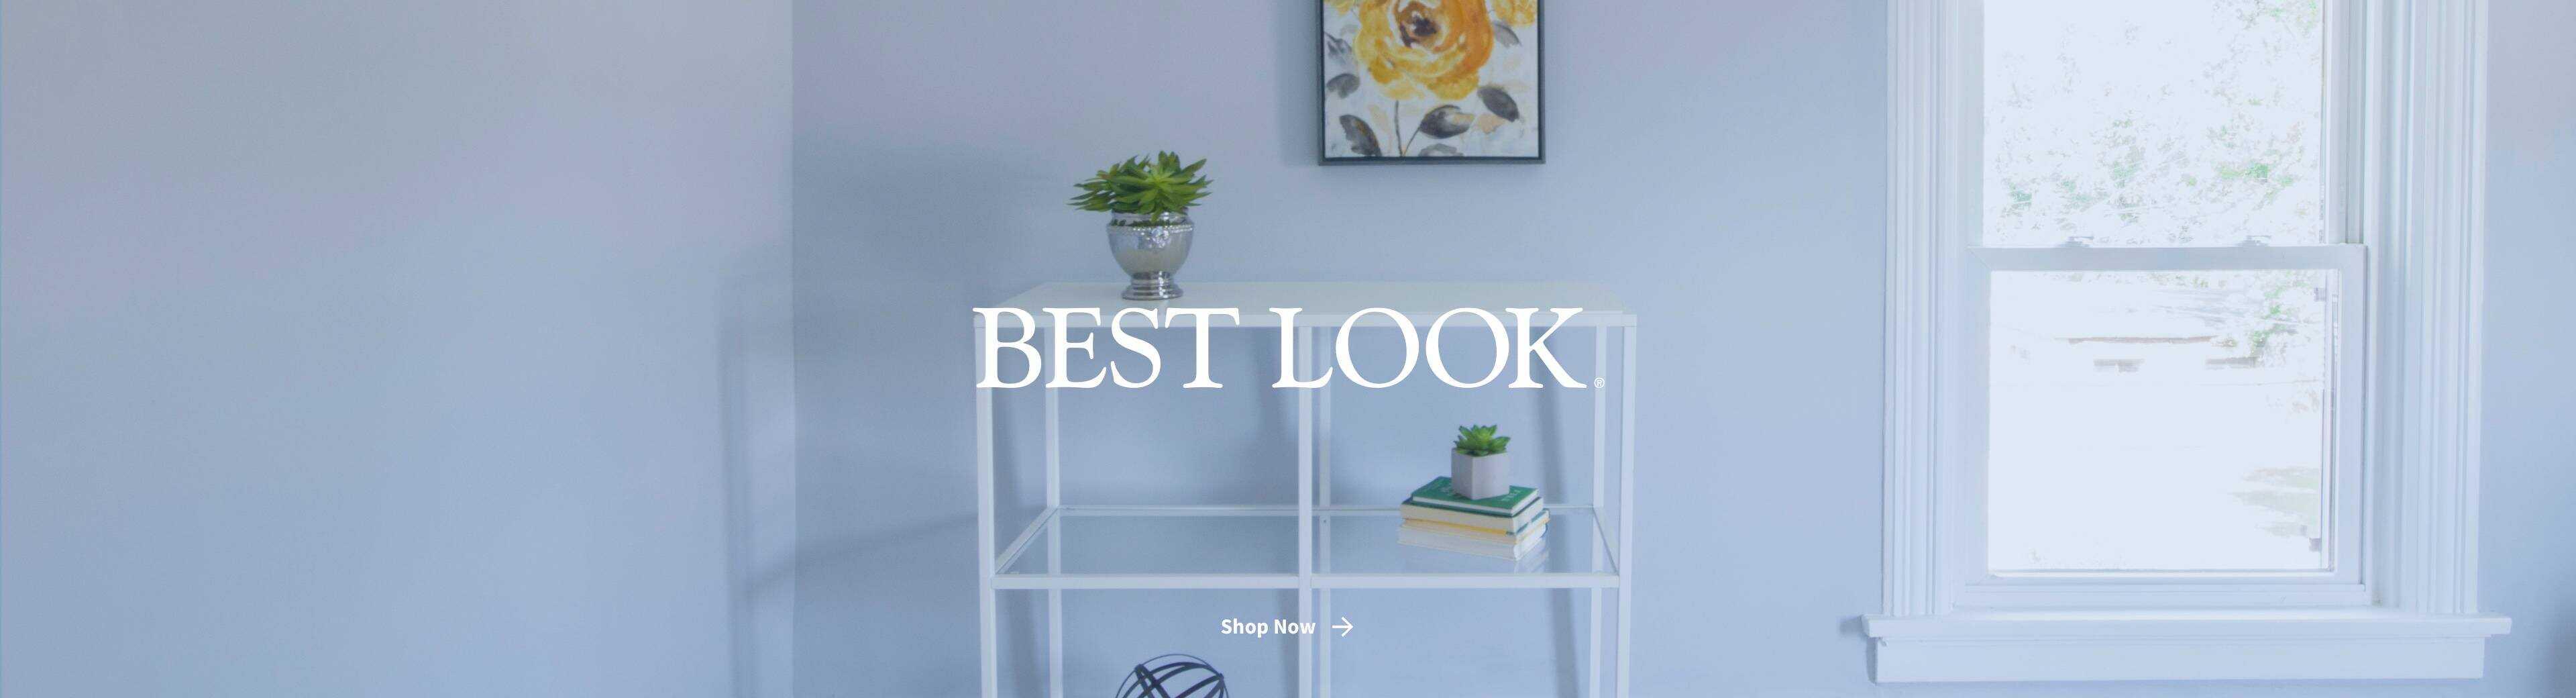 Best Look logo in blue-painted bedroom